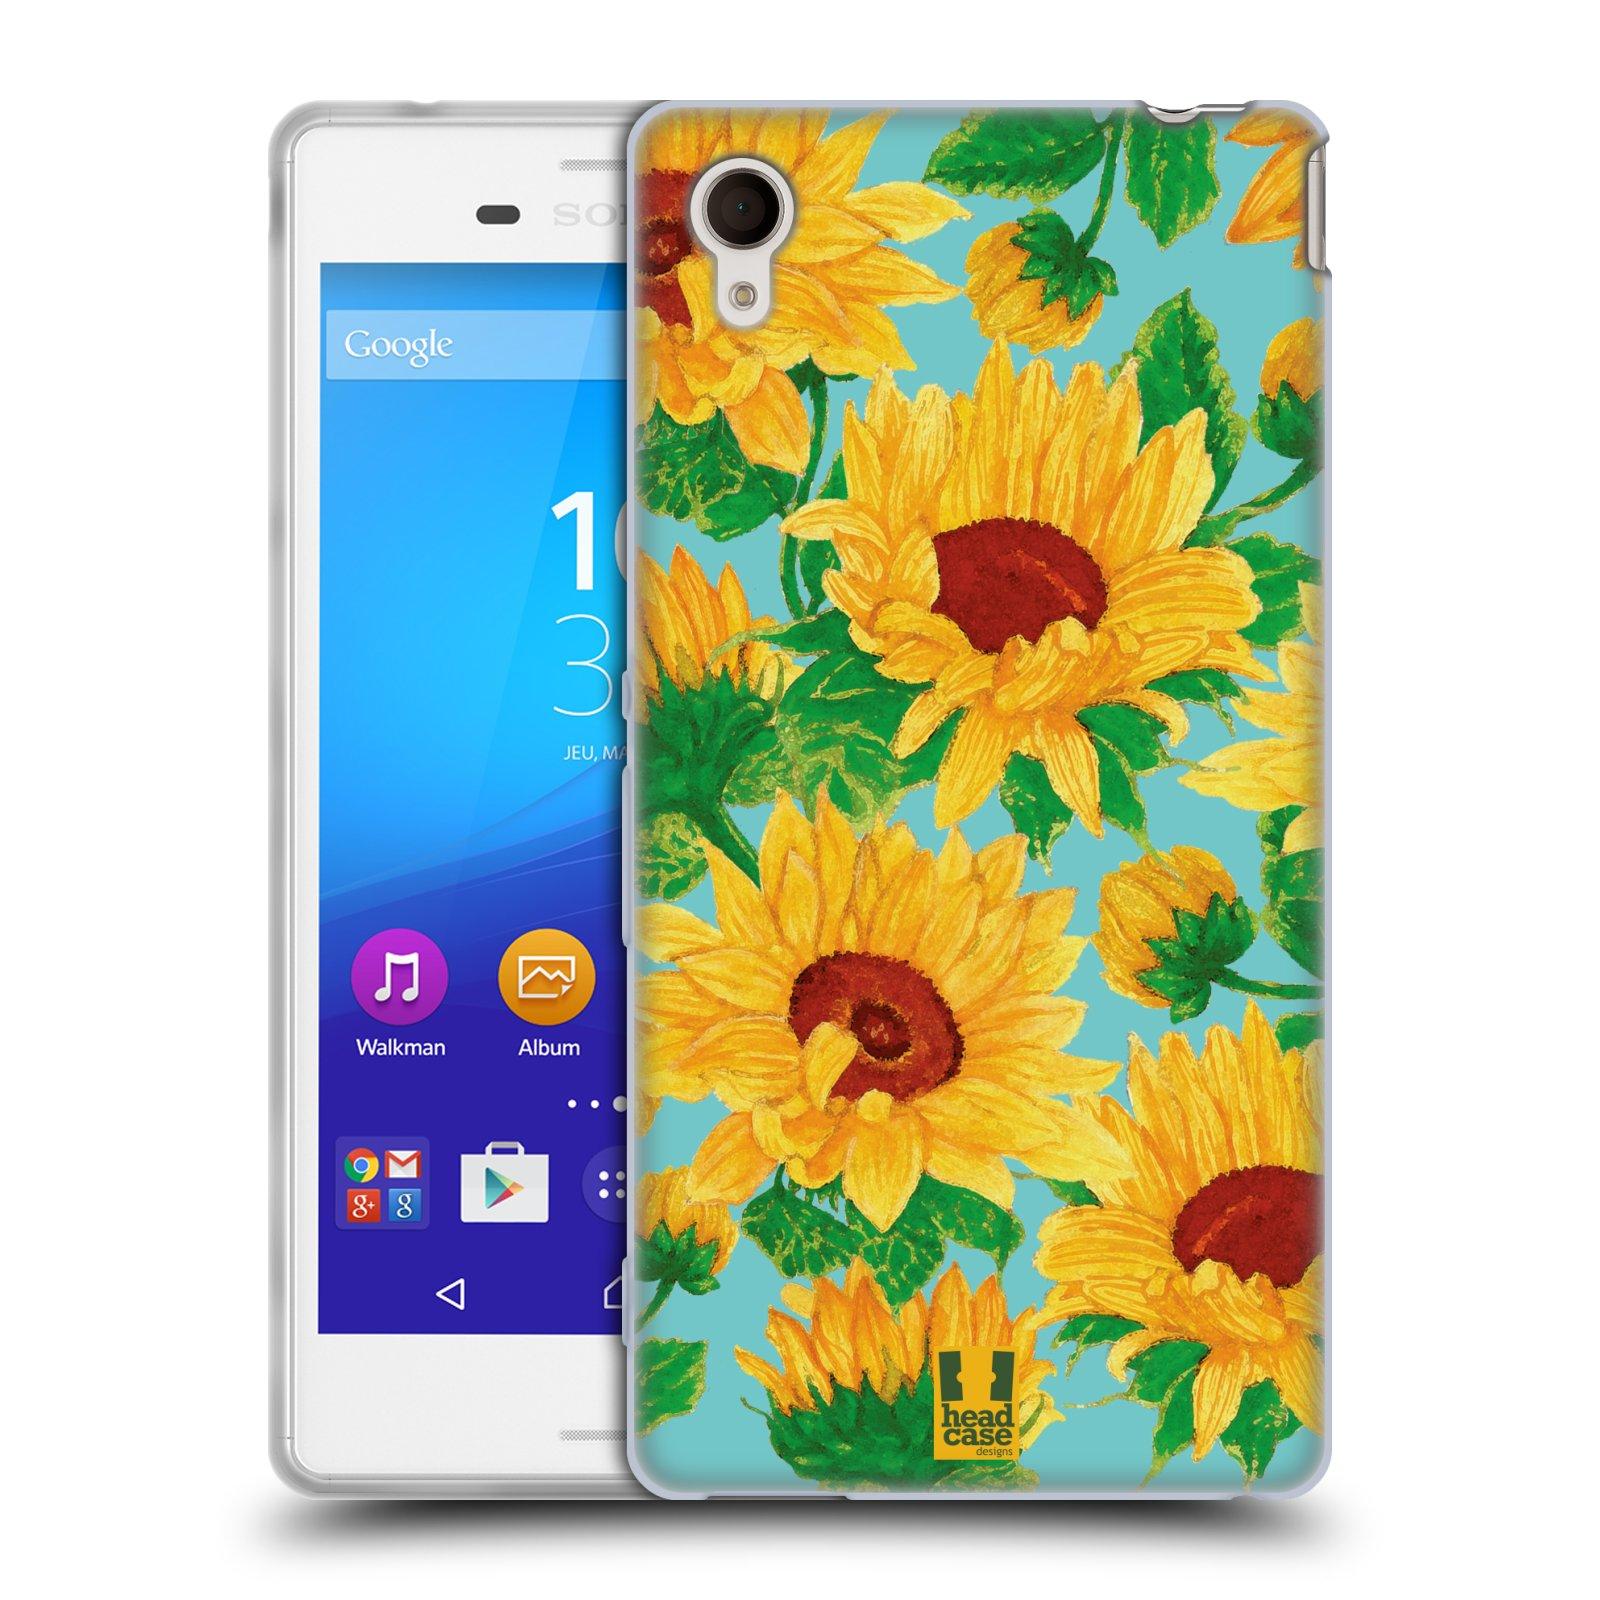 Silikonové pouzdro na mobil Sony Xperia M4 Aqua E2303 HEAD CASE Slunečnice (Silikonový kryt či obal na mobilní telefon Sony Xperia M4 Aqua a M4 Aqua Dual SIM)